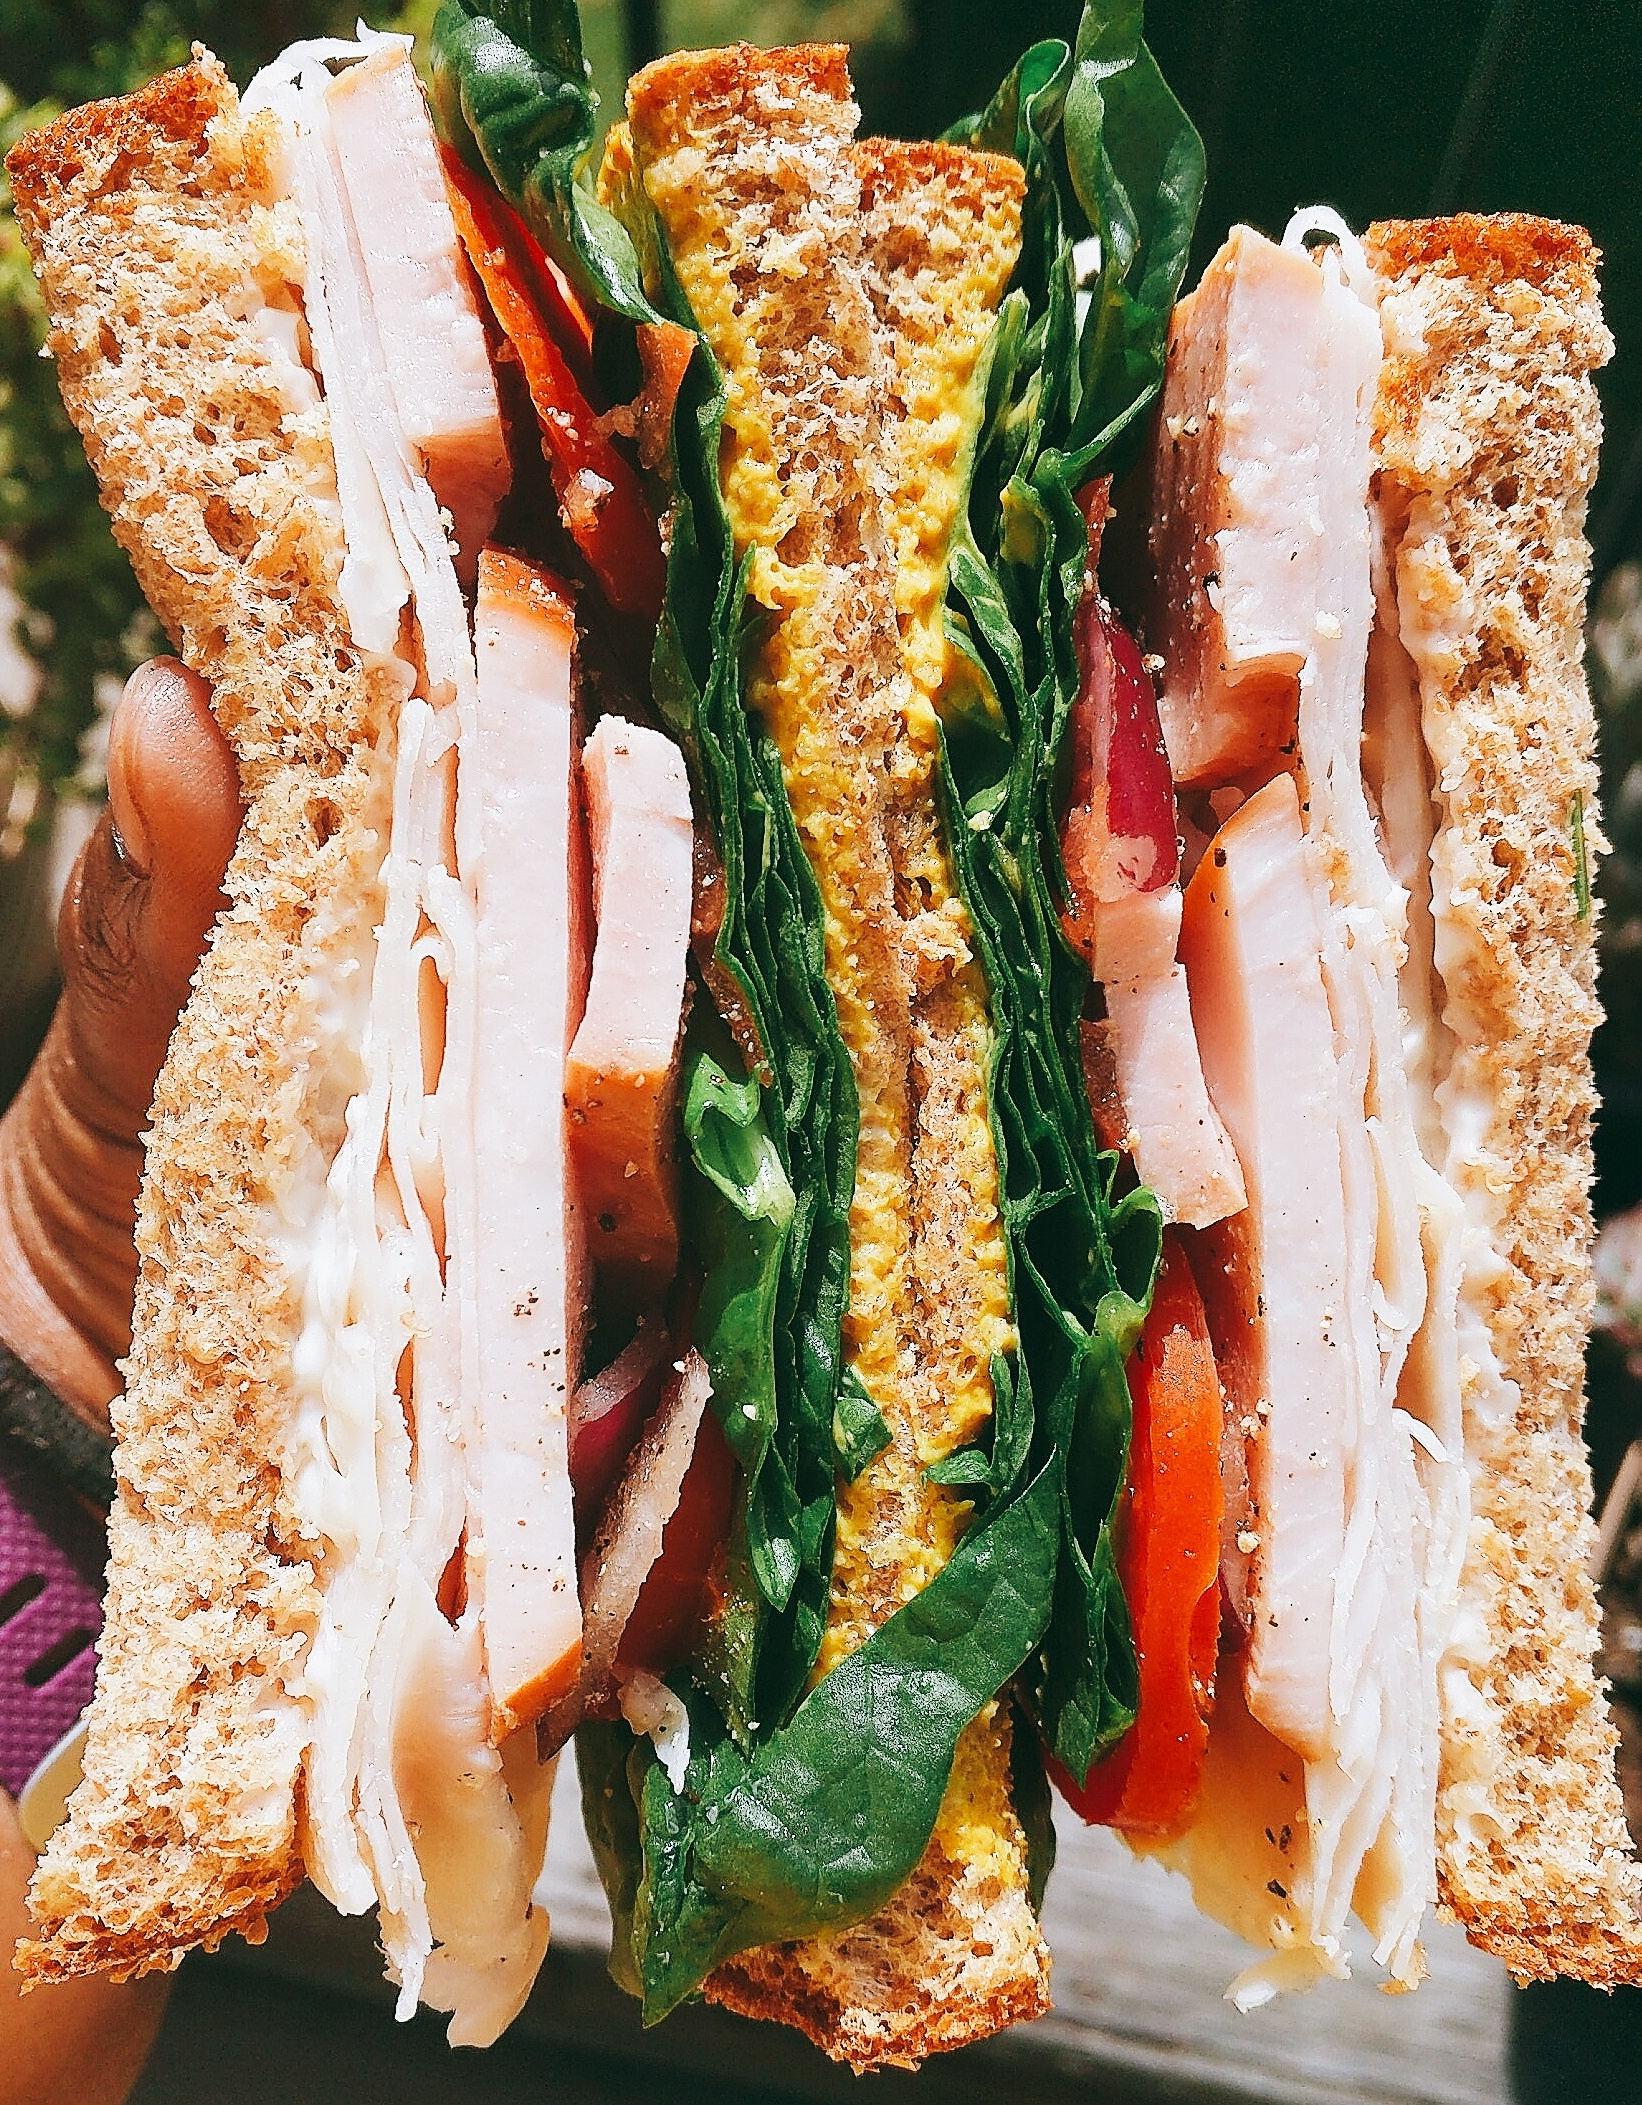 Ham & Turkey Sandwich